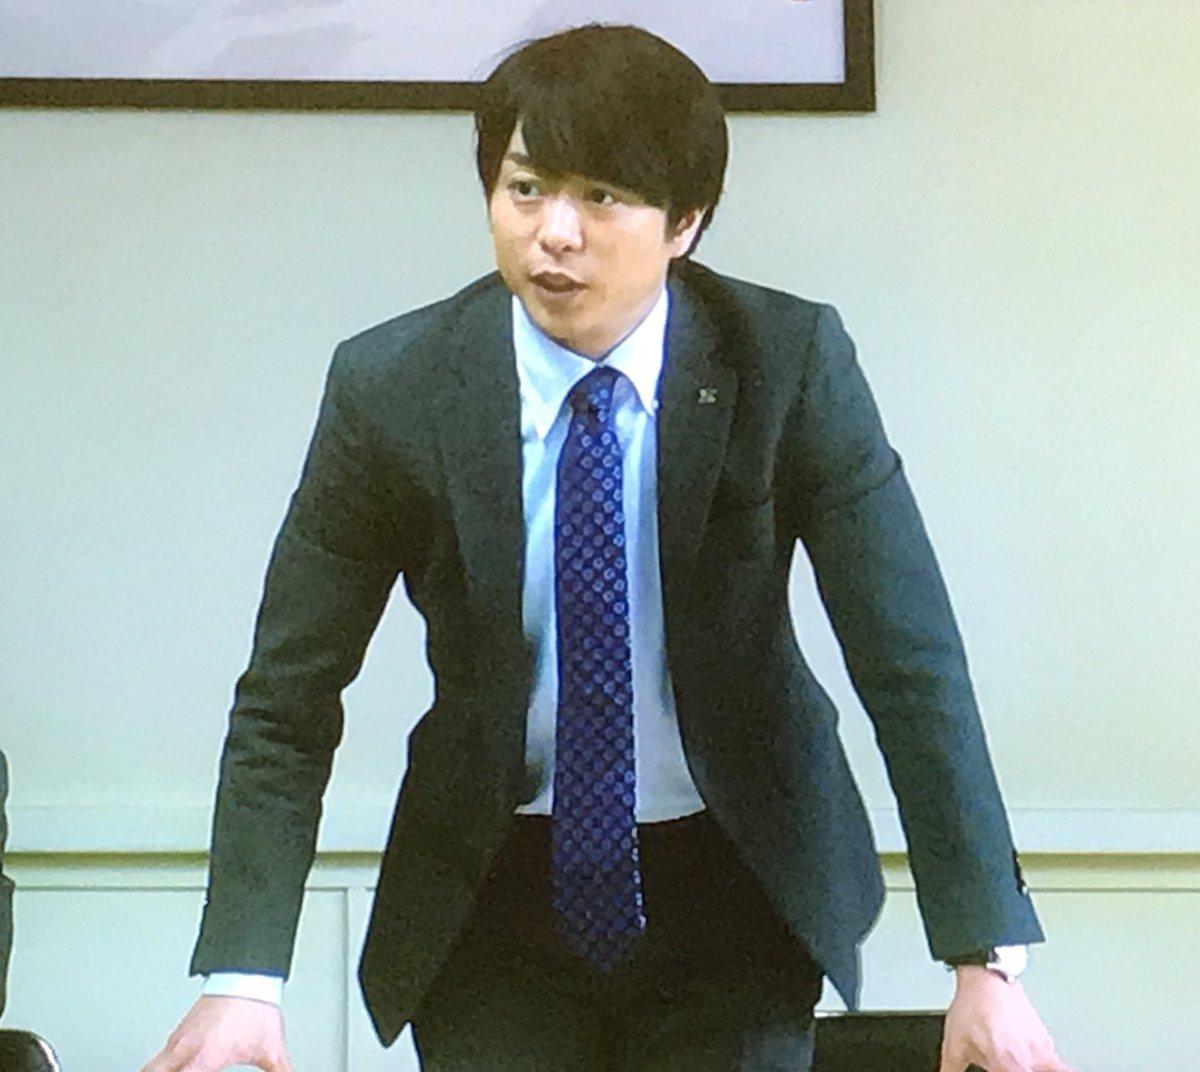 test ツイッターメディア - 及川先生に担任持たせるなよーはい論破#先に生まれただけの僕 #木下ほうか #櫻井翔 https://t.co/YL804xPXsJ